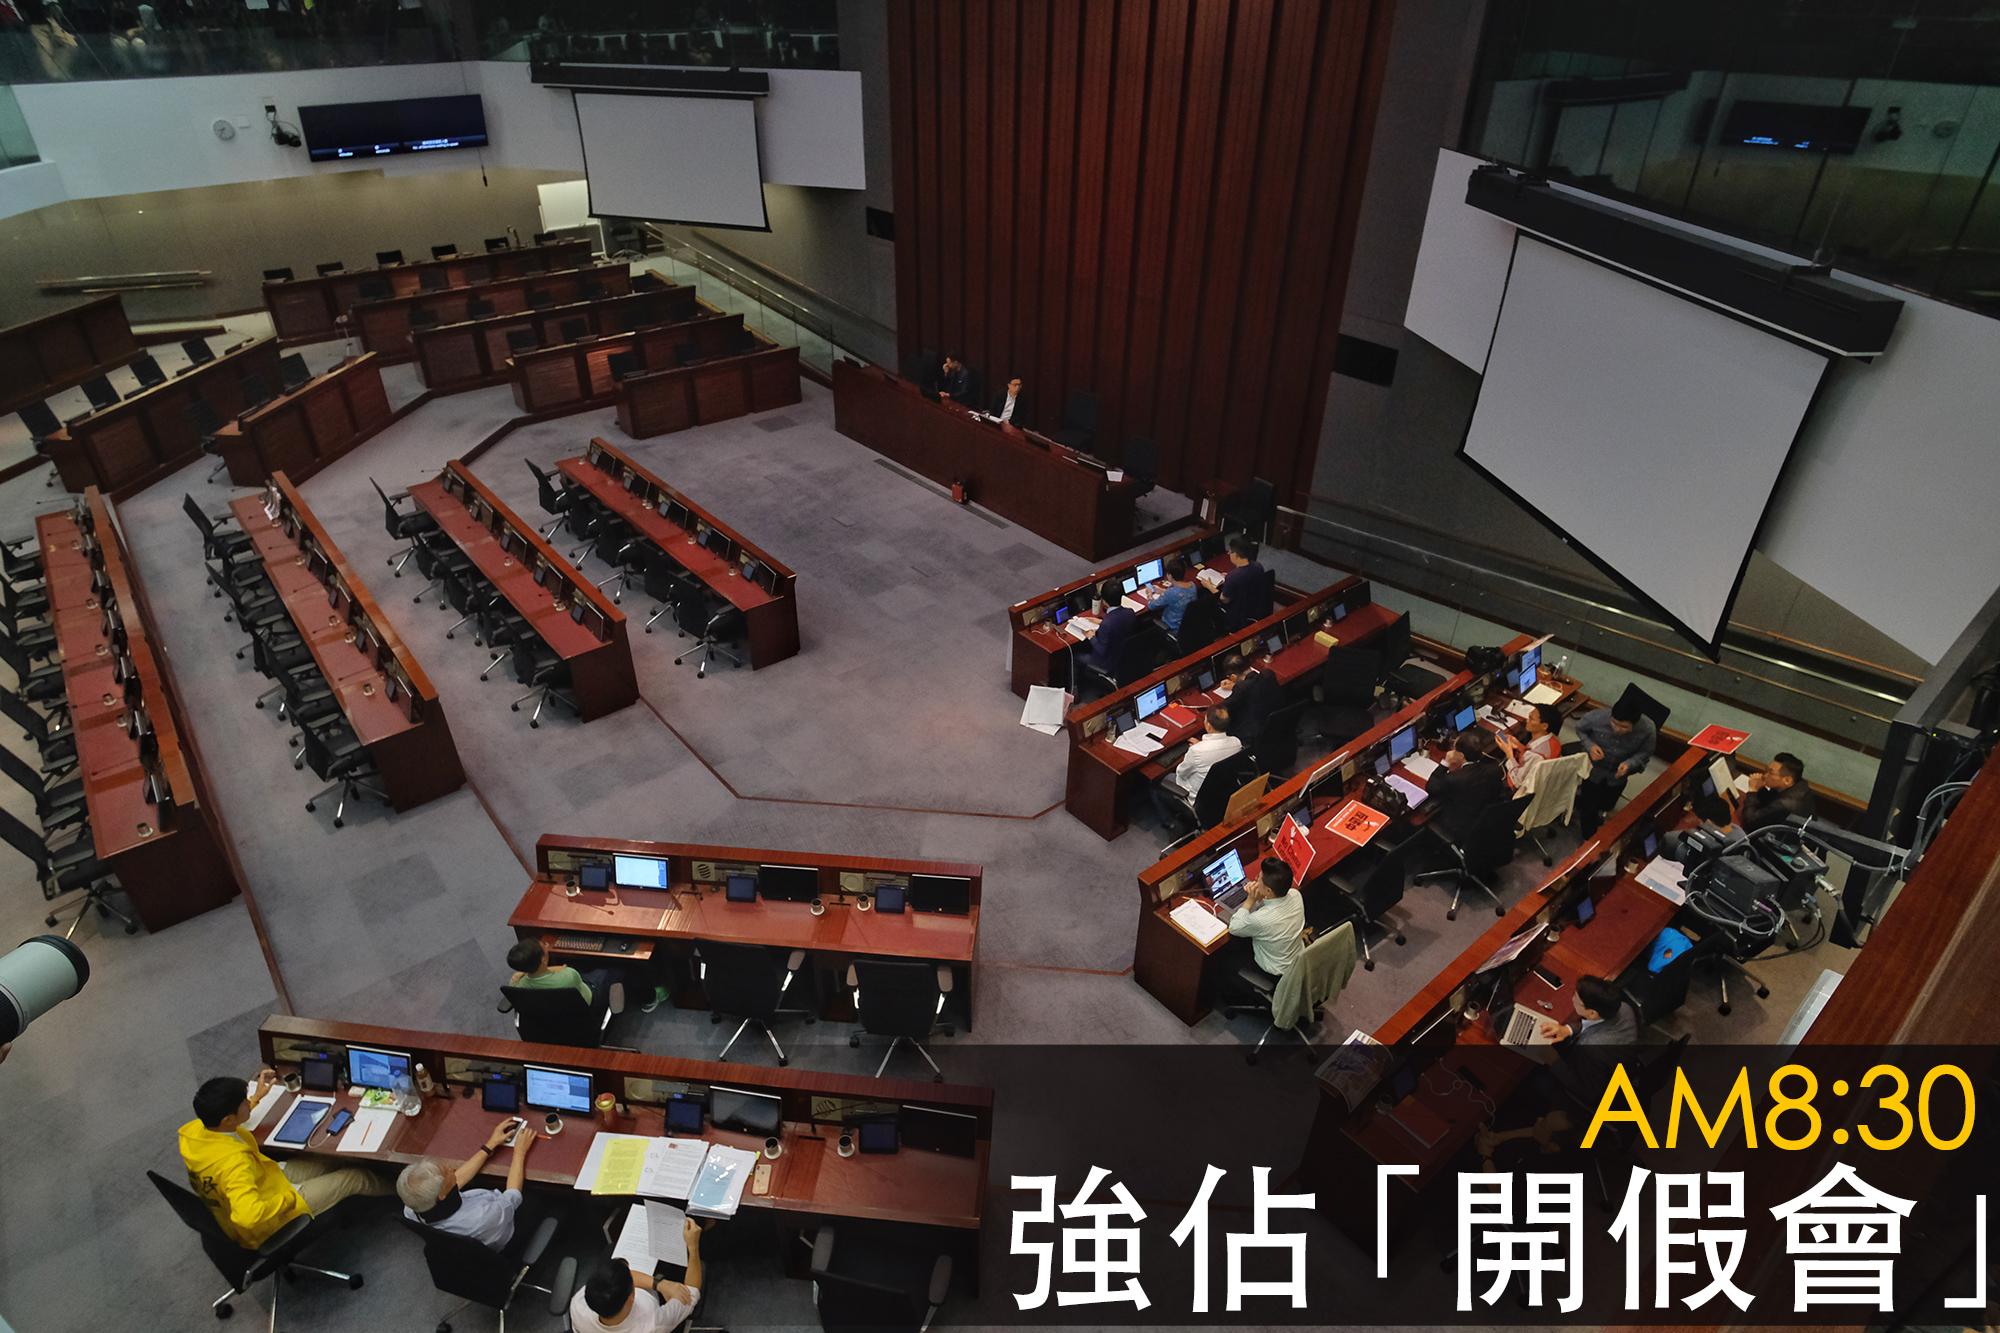 反對派自行霸佔會議室1開會,該「會議」未有列入立法會網站議程,秘書處沒有提供技術支援,法律顧問及政府官員沒有到場。